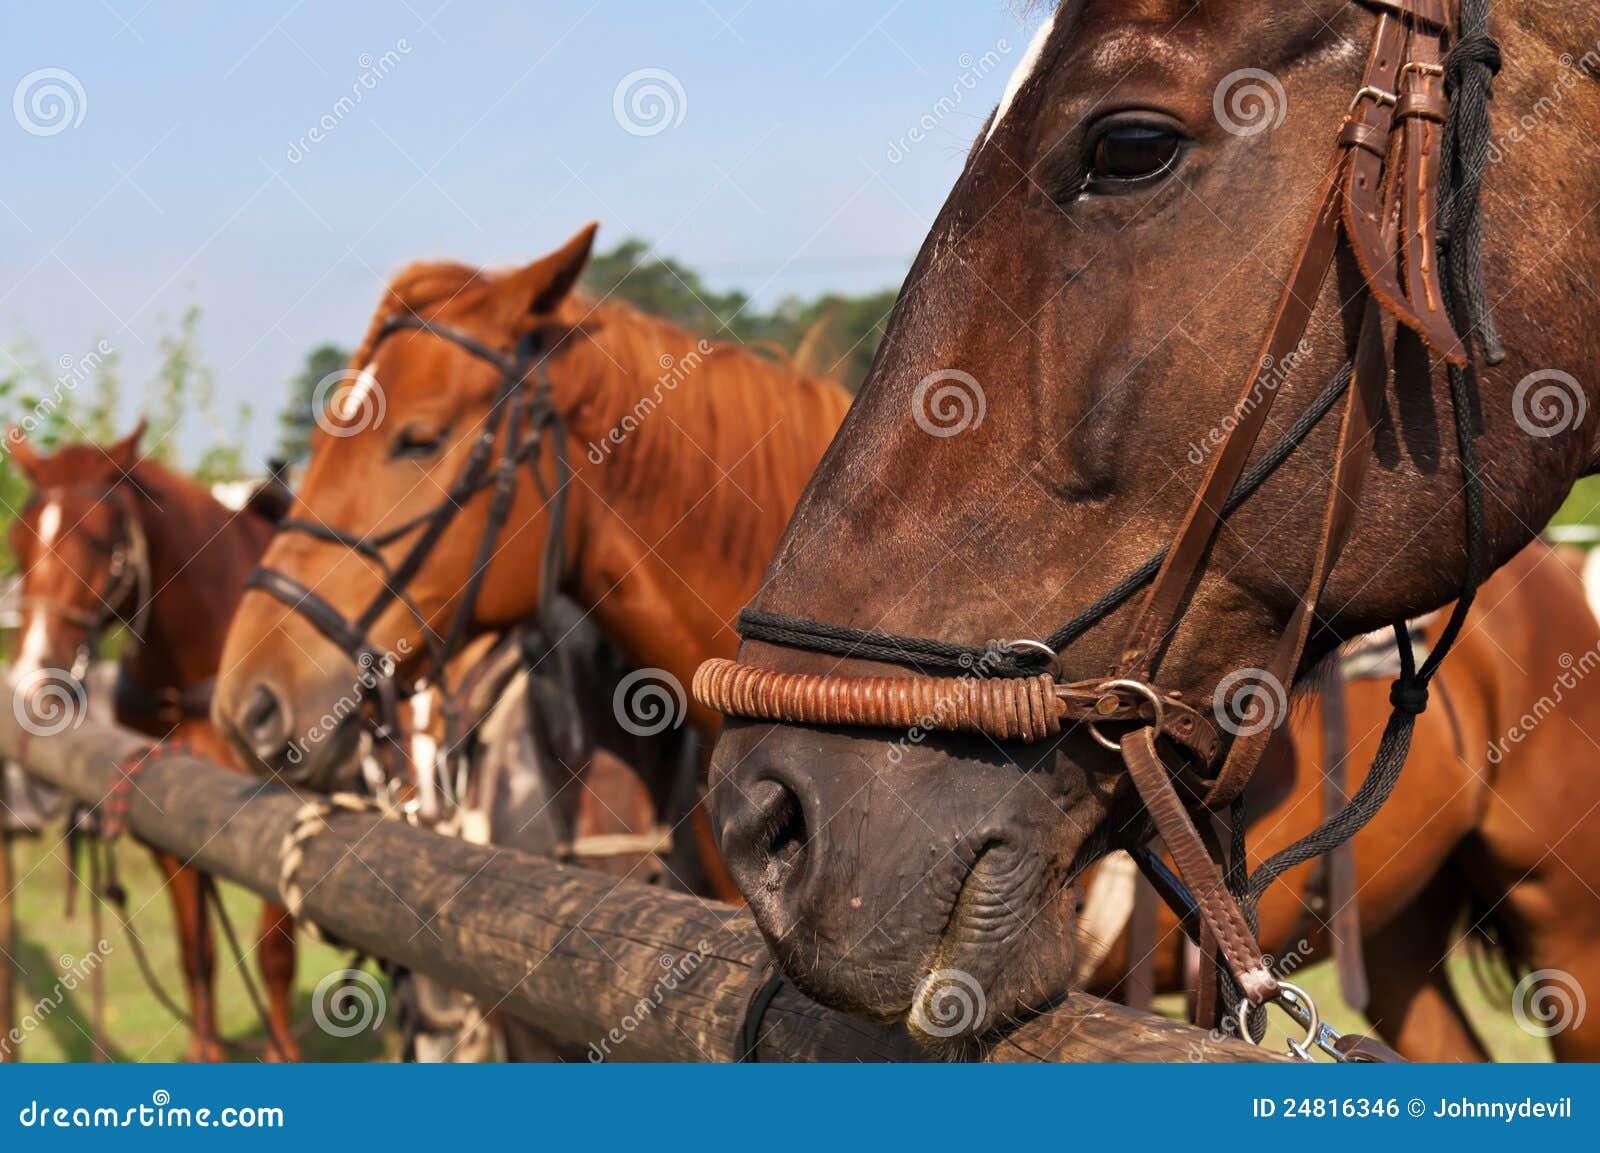 sch ne pferde stockfoto bild von karosserien ausf hrlich 24816346. Black Bedroom Furniture Sets. Home Design Ideas